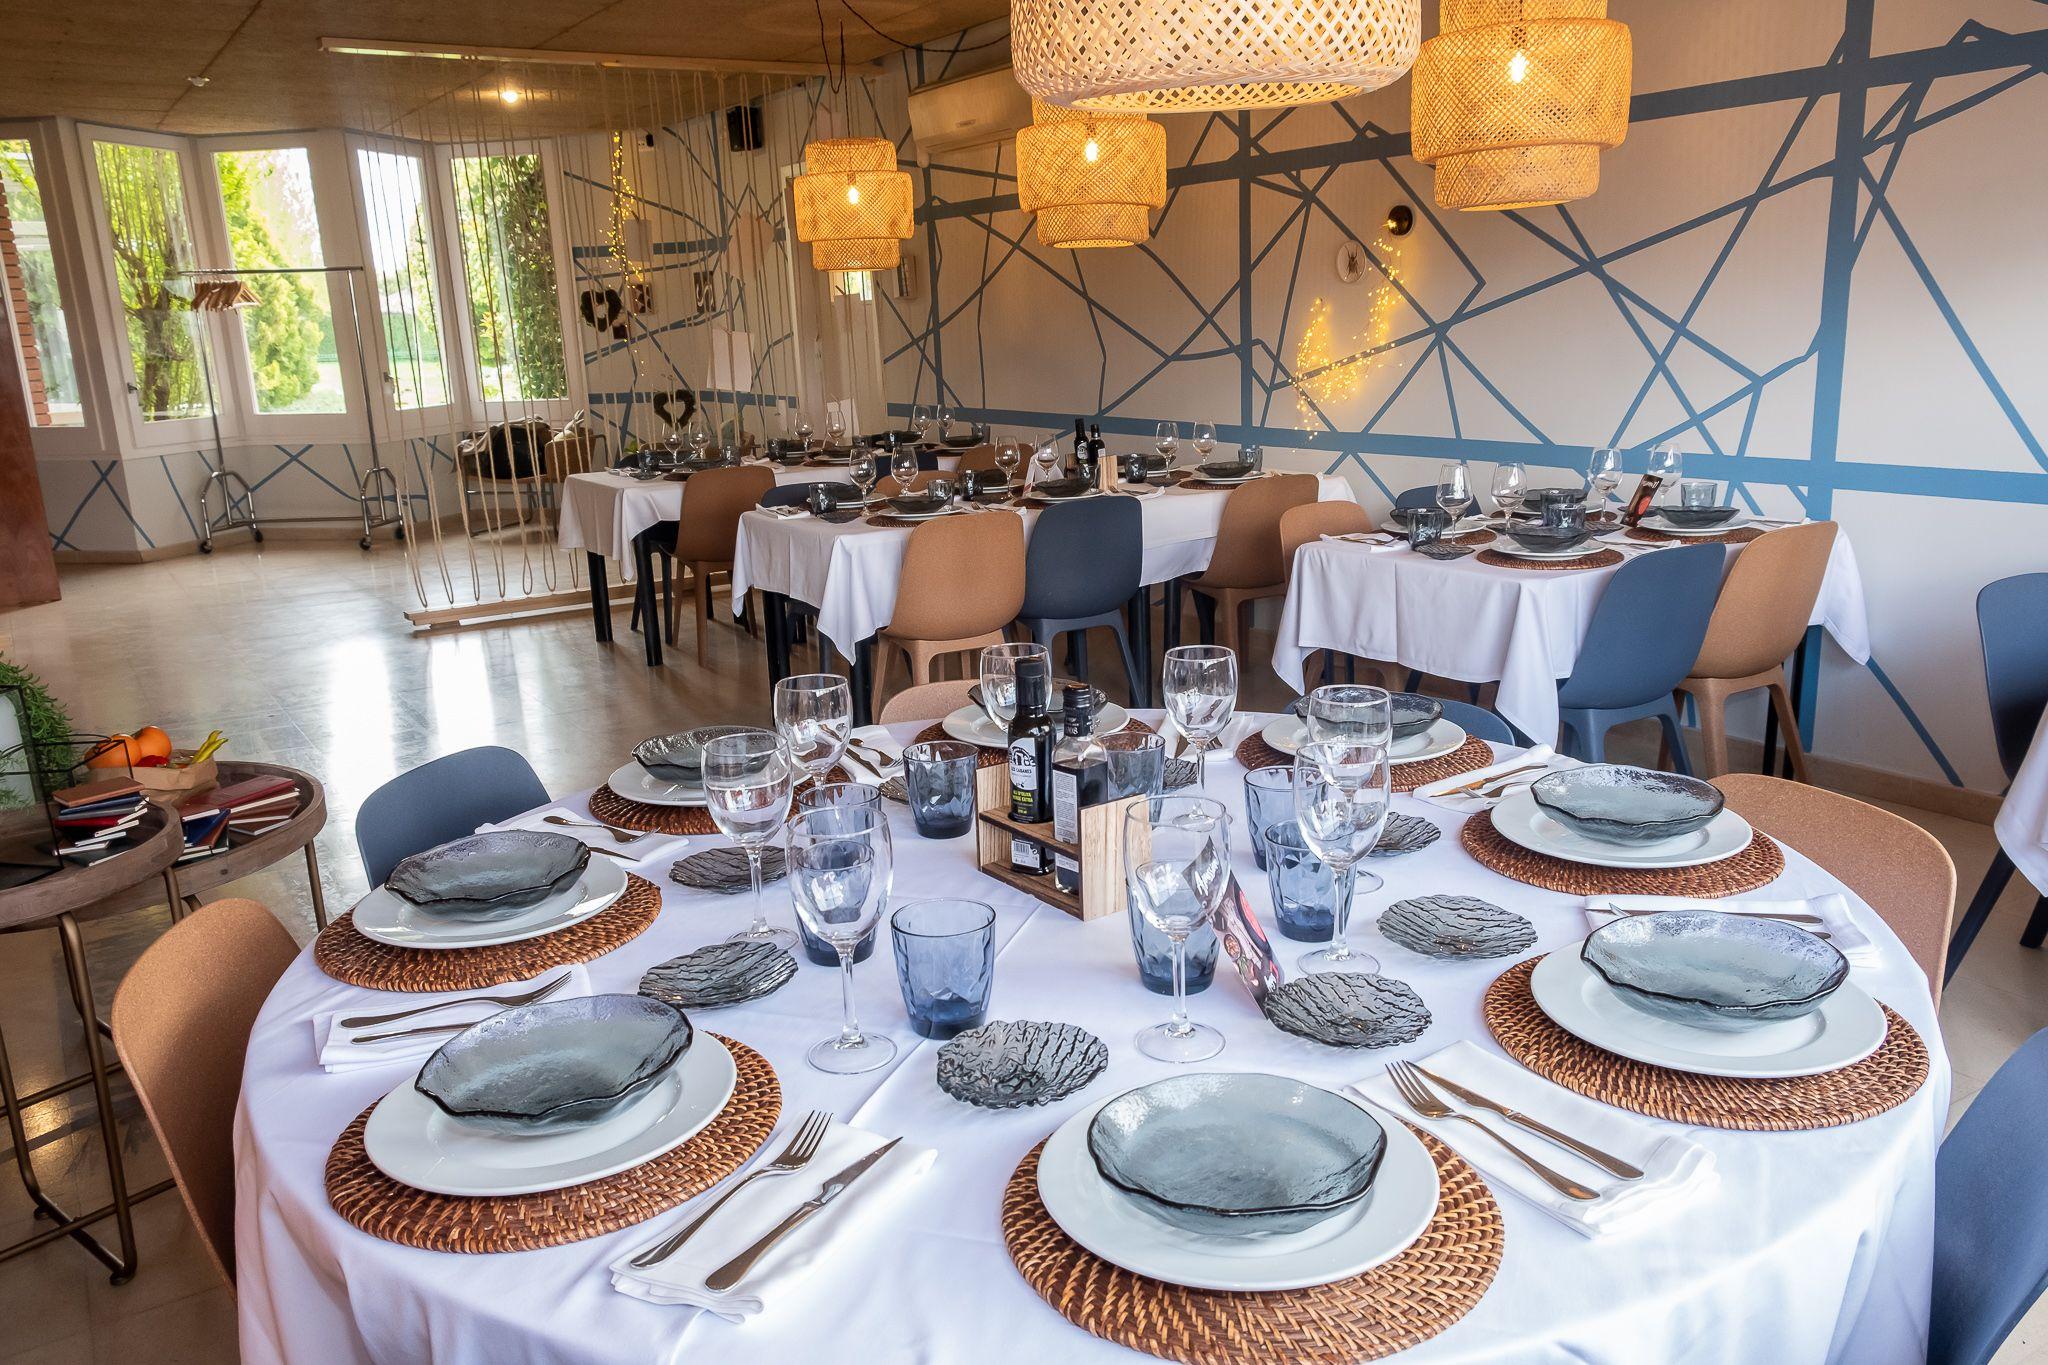 Restaurante con menú del mediodía Lleida